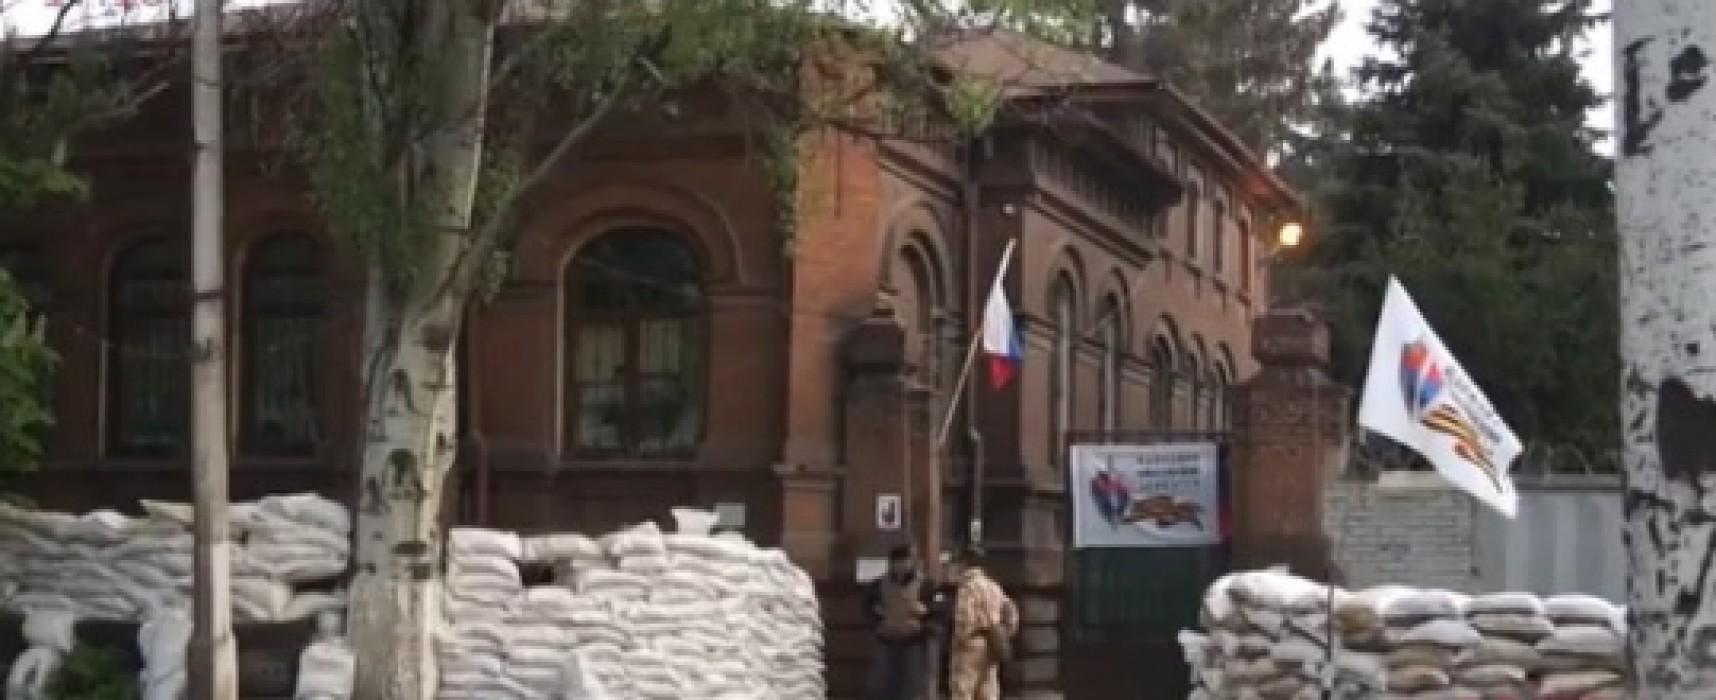 Российский военный эксперт привел аргументы в пользу того, что в Украине действует российский спецназ